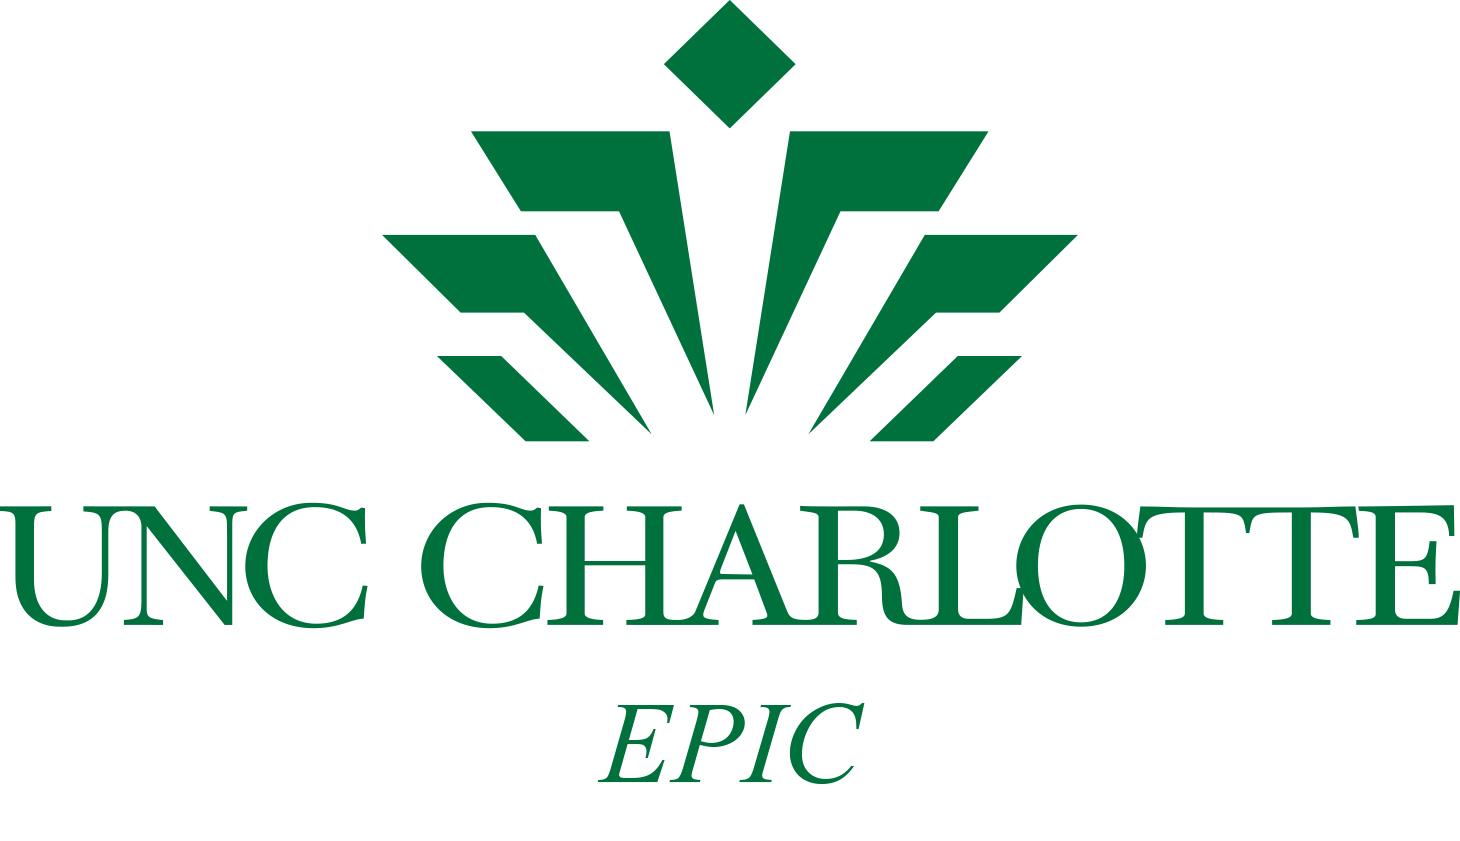 UNC Charlotte – EPIC